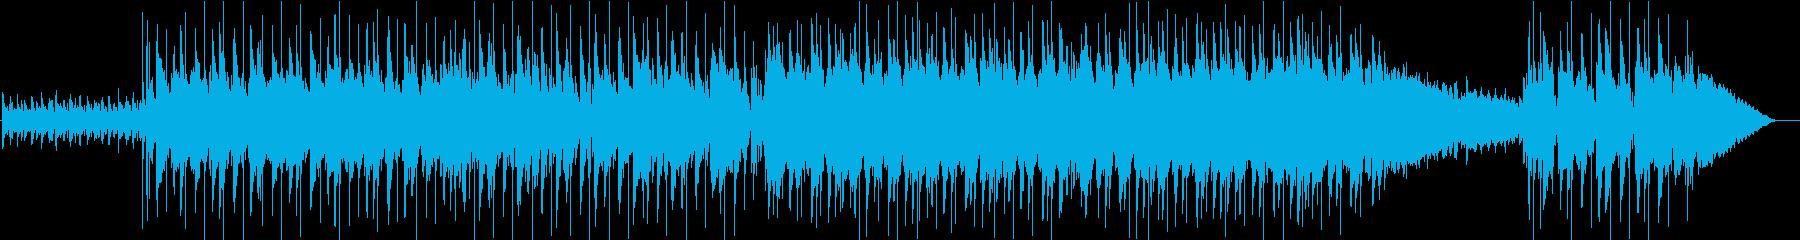 海に来た気分になれるBGMの再生済みの波形